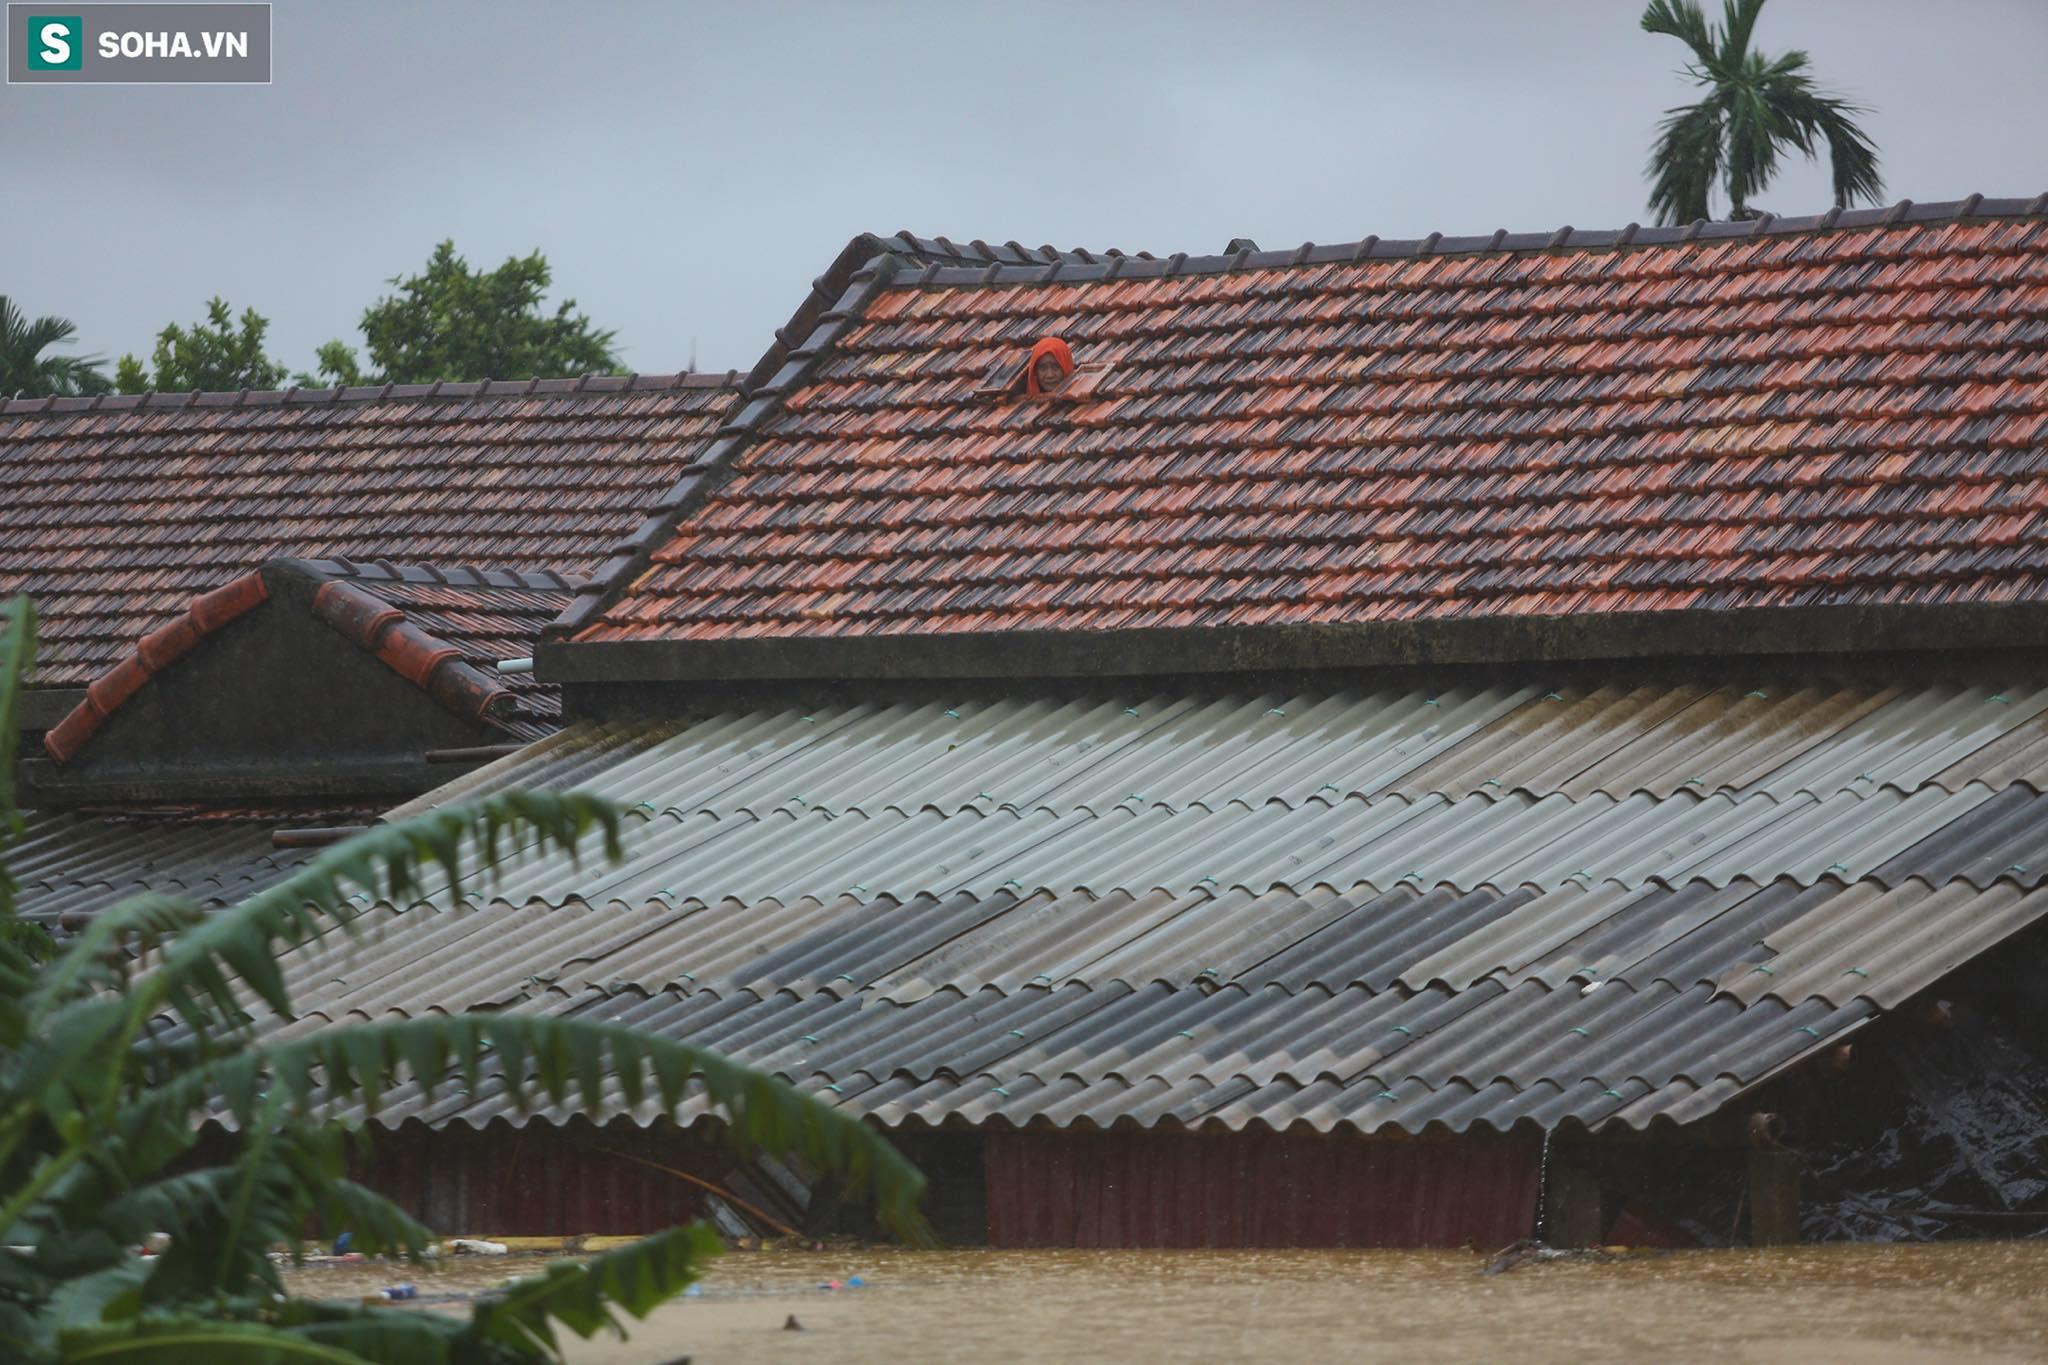 Những cánh tay 'cầu cứu' từ mái nhà trong cơn lũ lịch sử ở Quảng Bình - Ảnh 2.